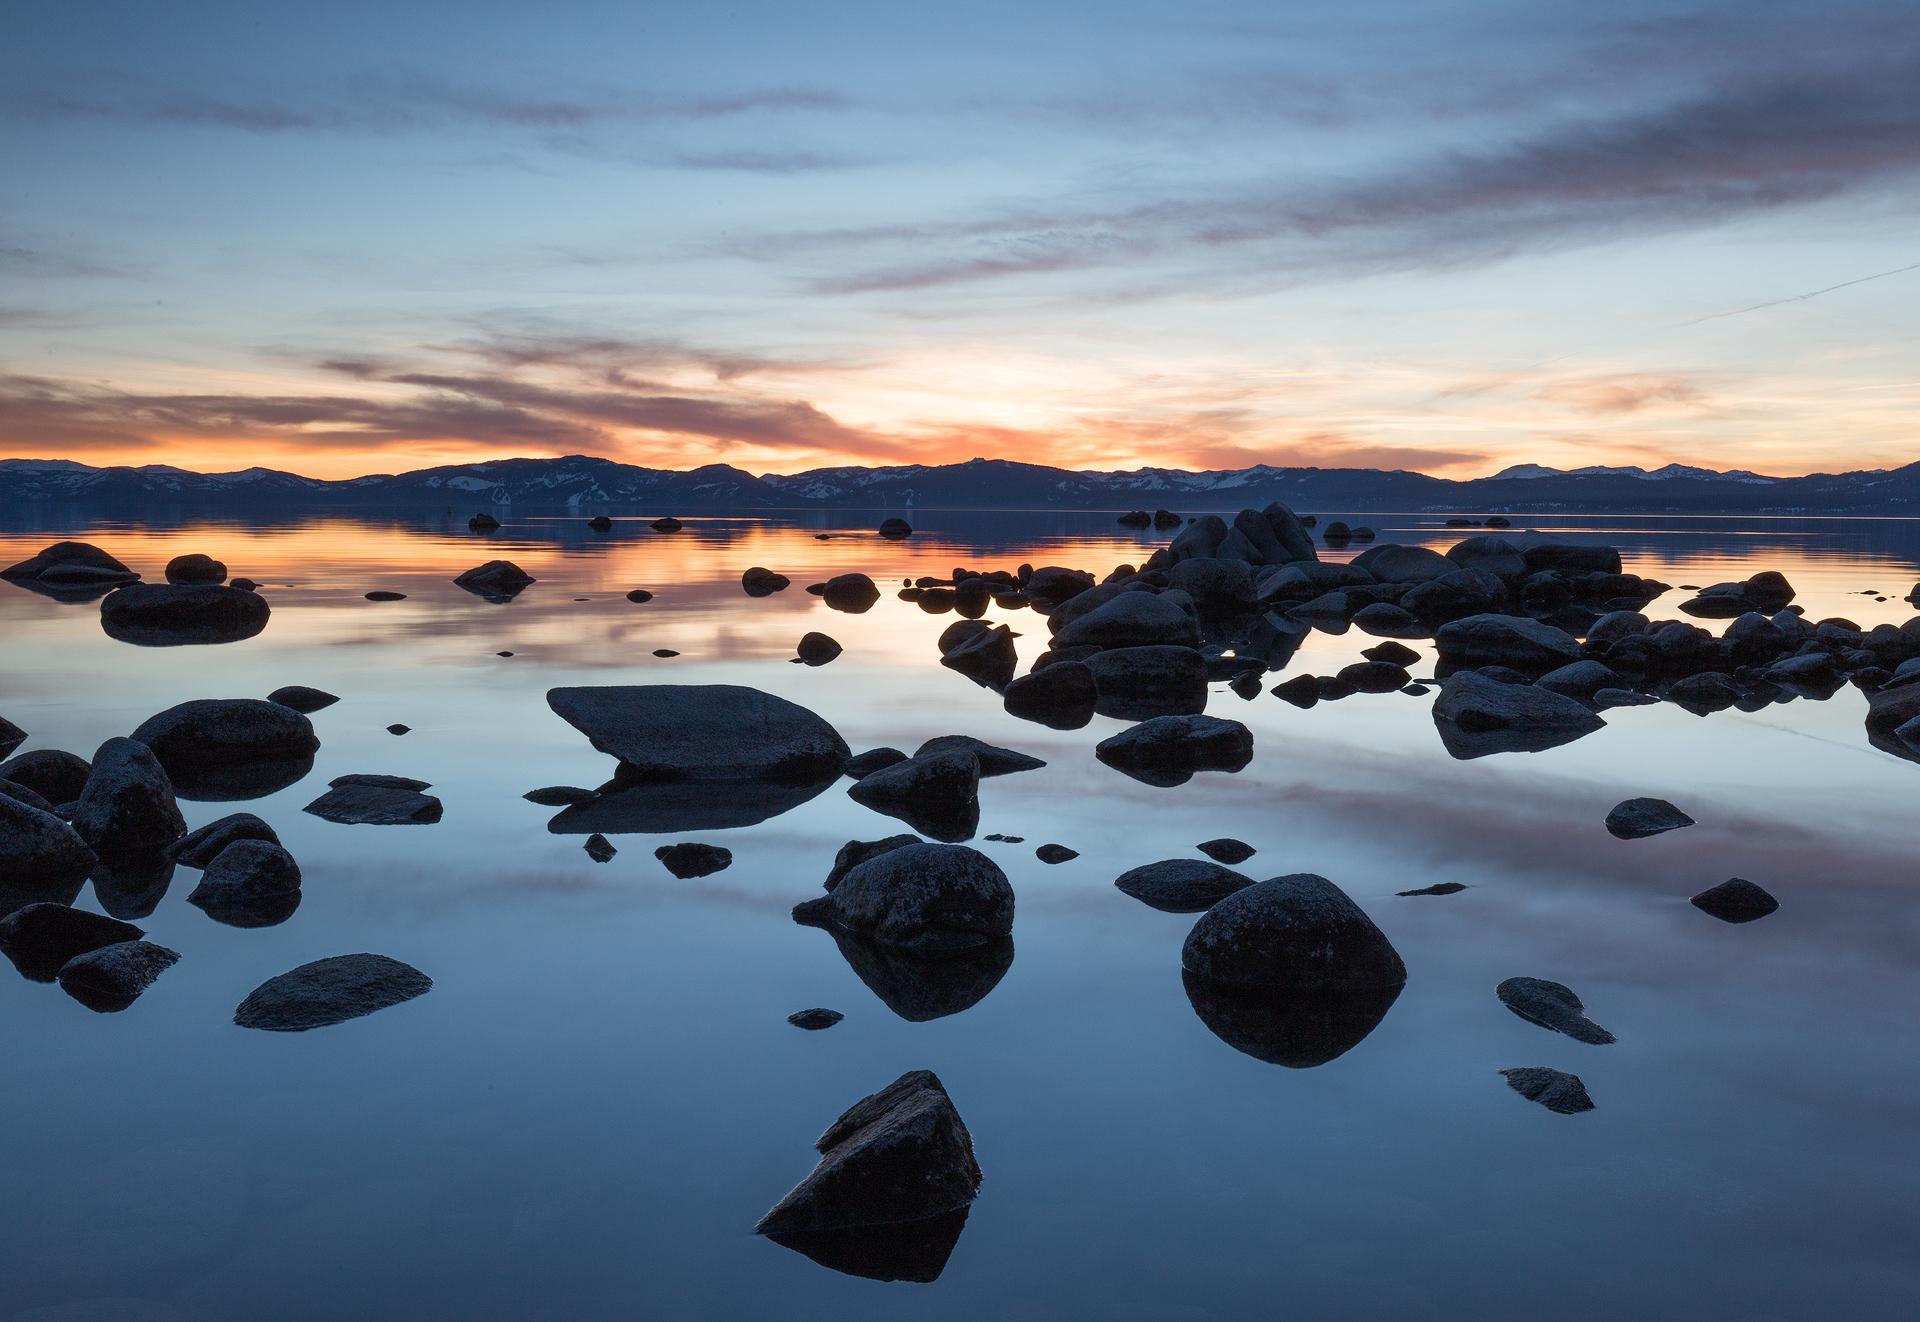 the national parks girl_lake tahoe_winter sunset_sand harbor_canon6d.jpg